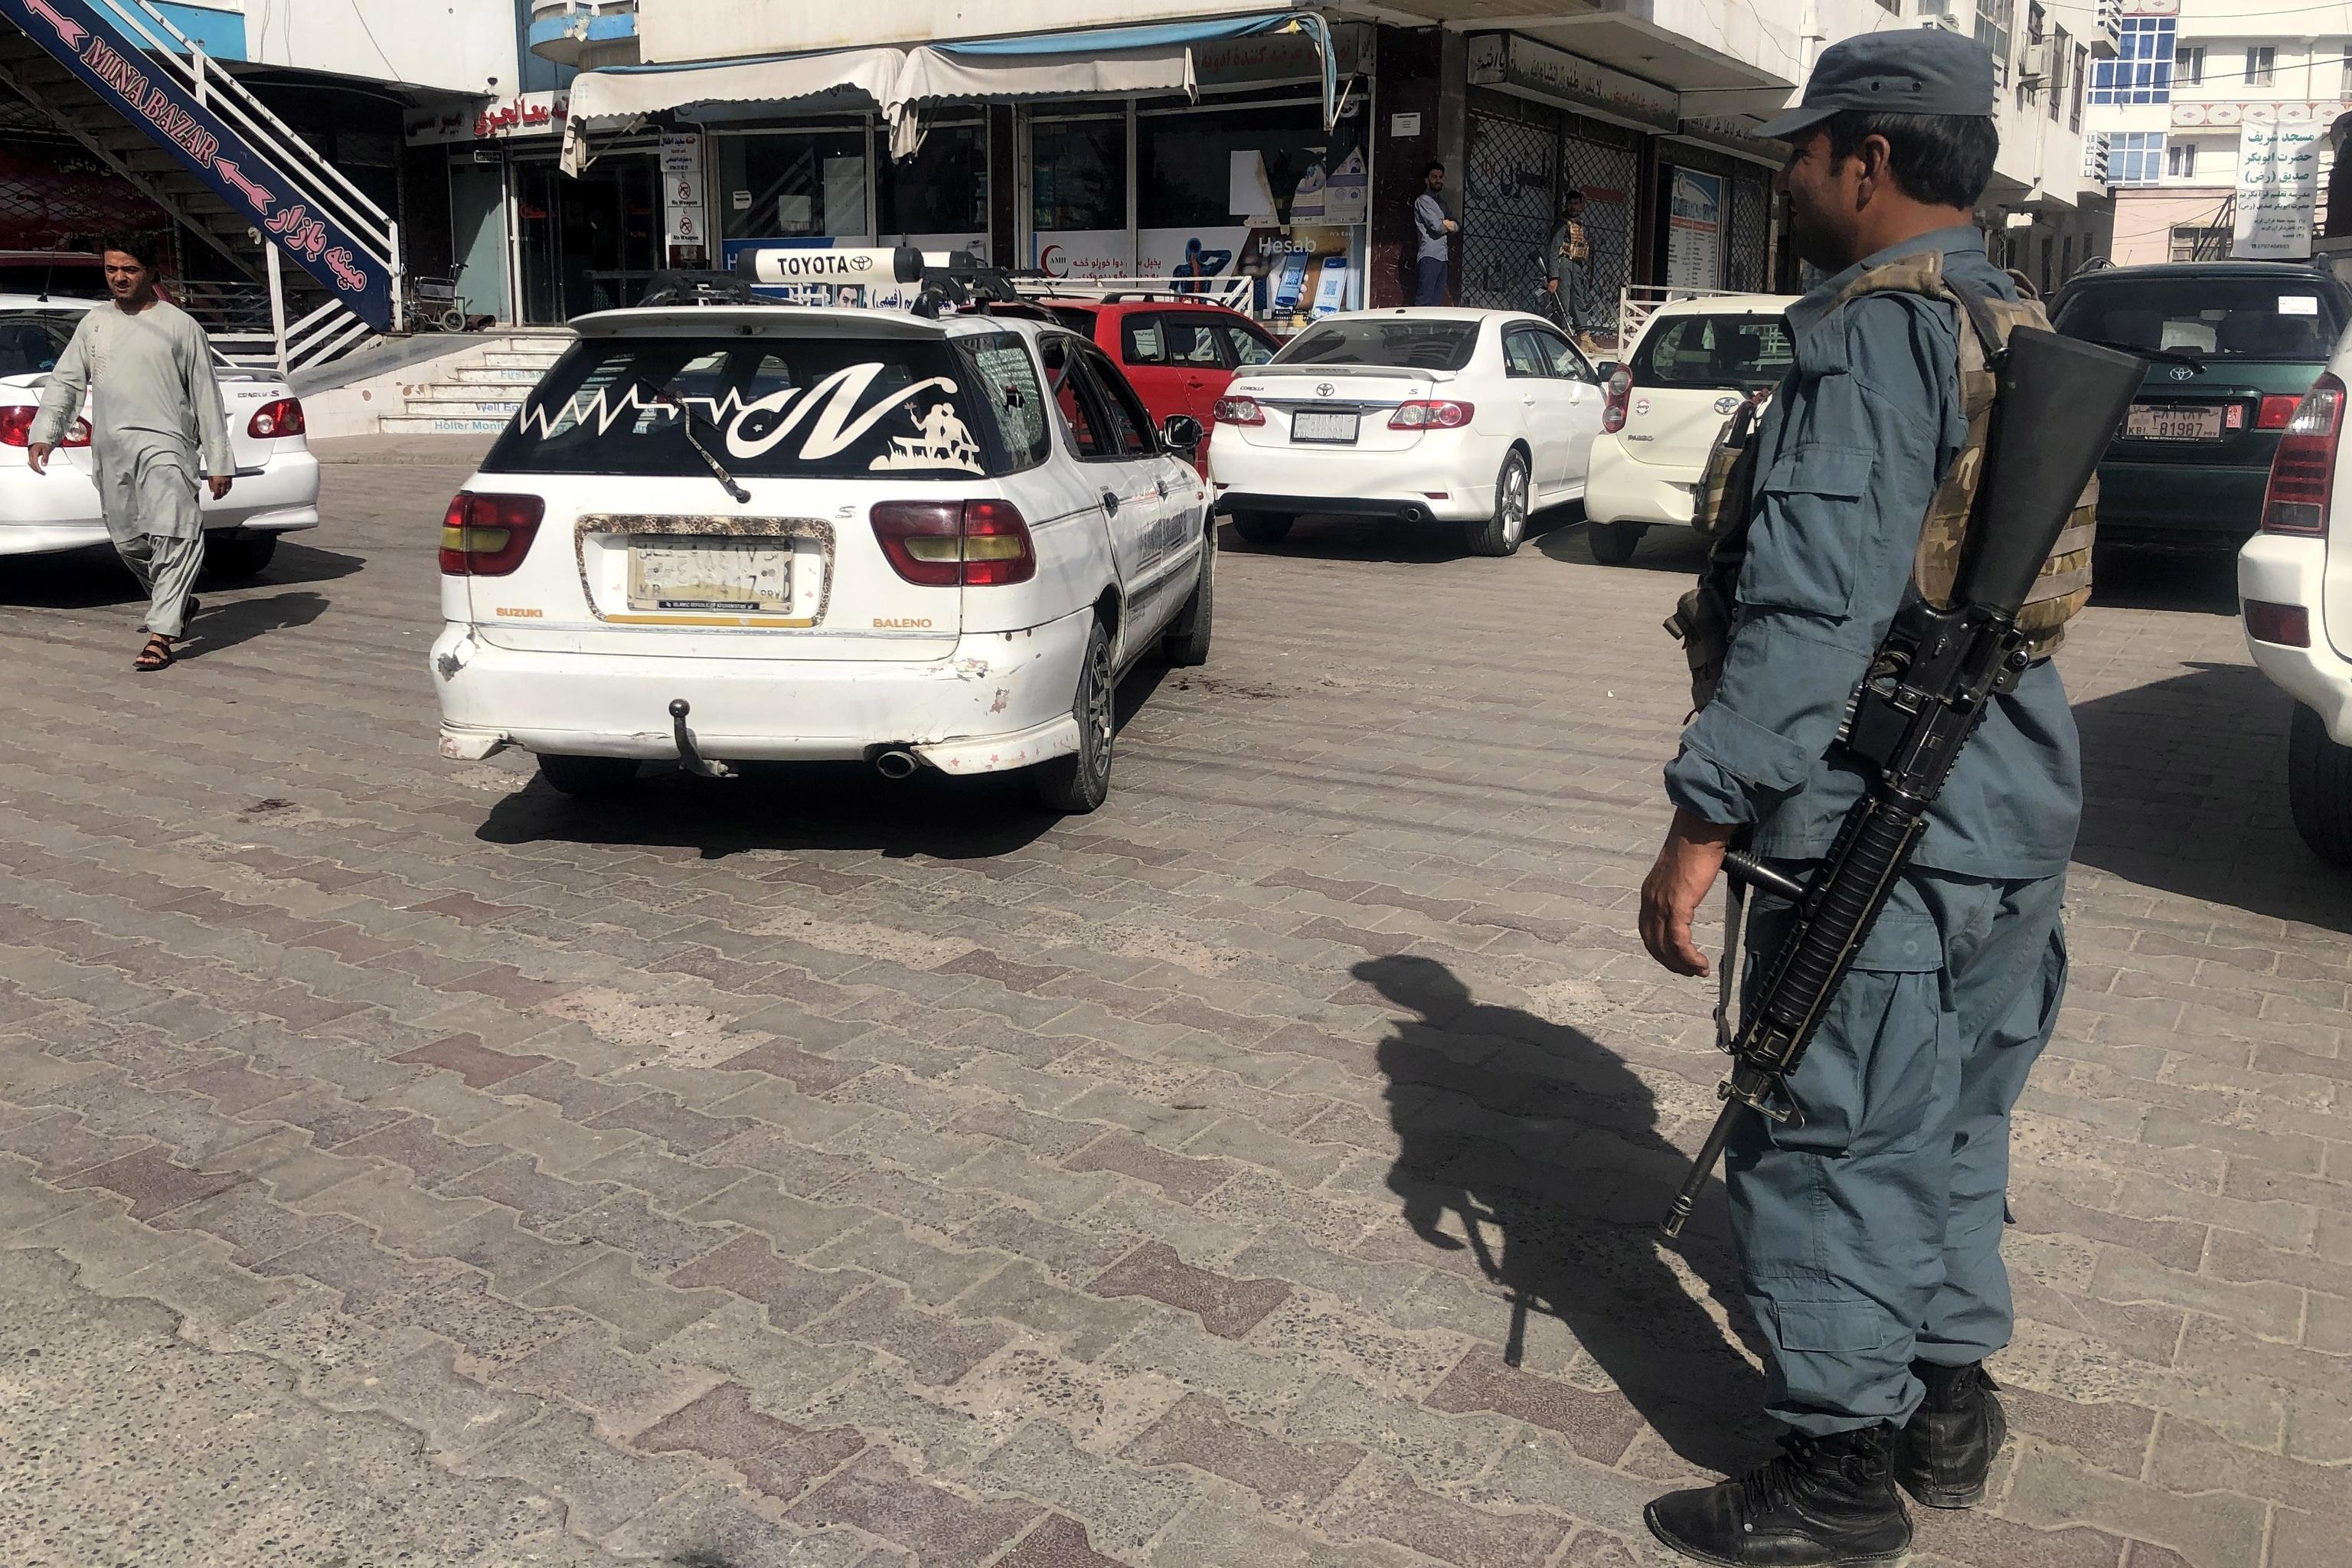 ماموران امنیتی در حال بازرسی محل حمله در کابل هستند.